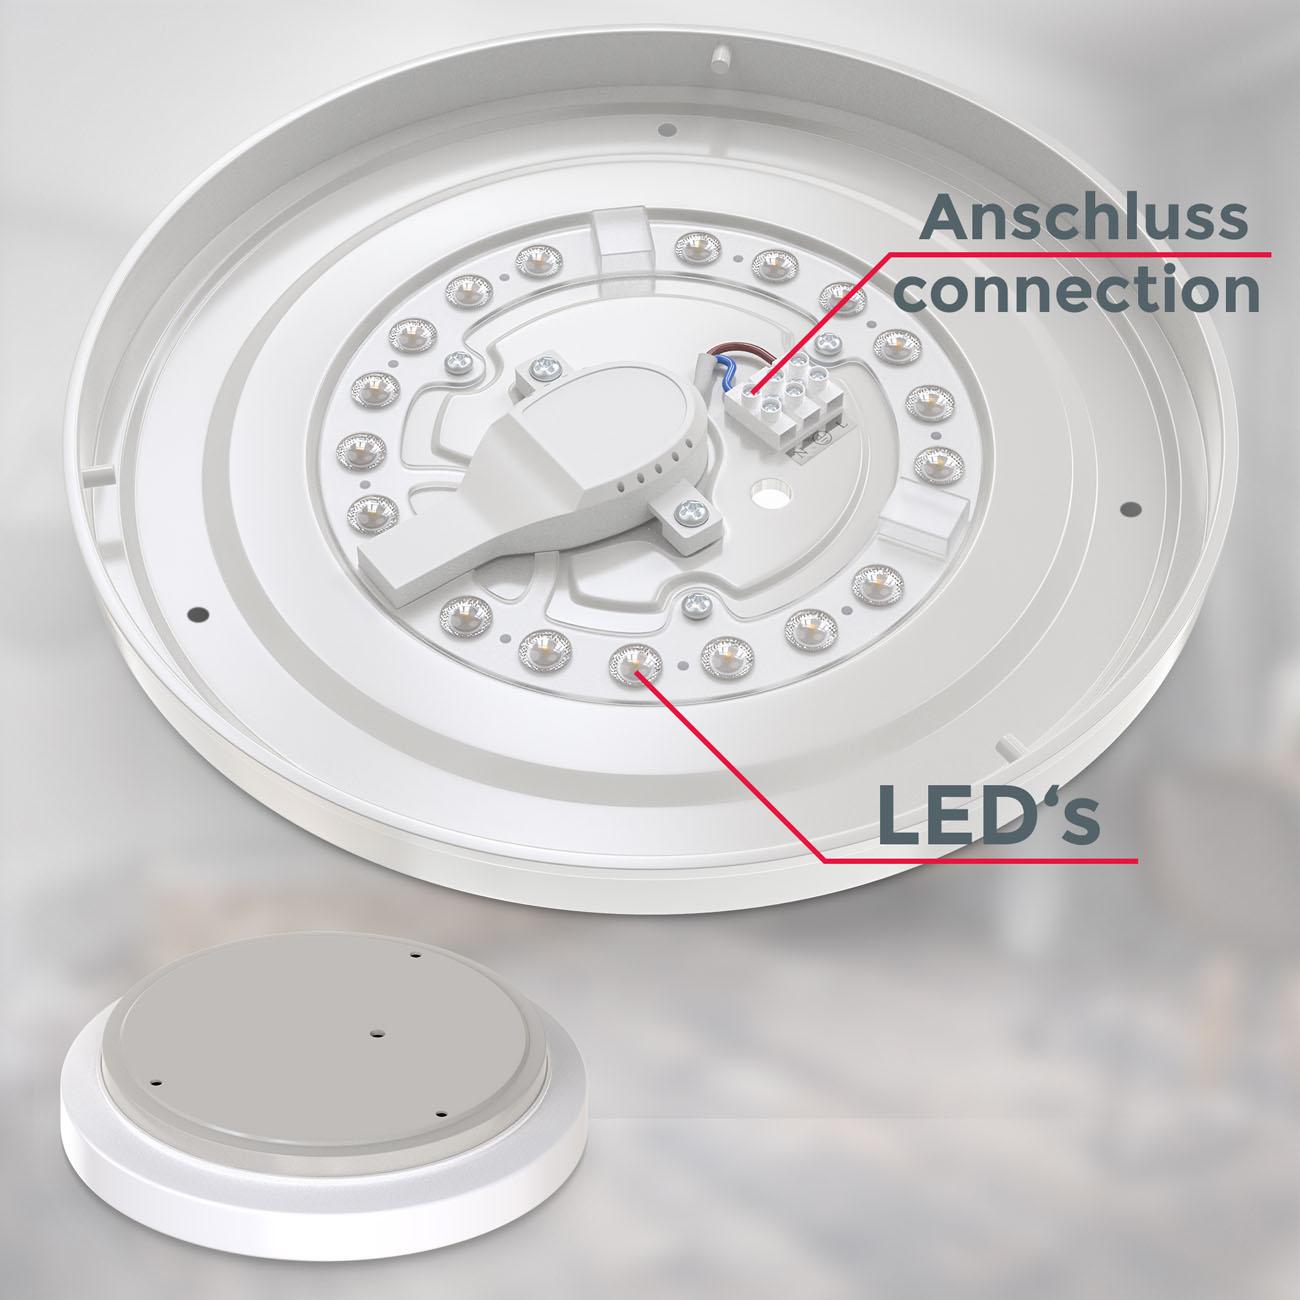 LED Deckenleuchte Badlampe IP44 M - 7